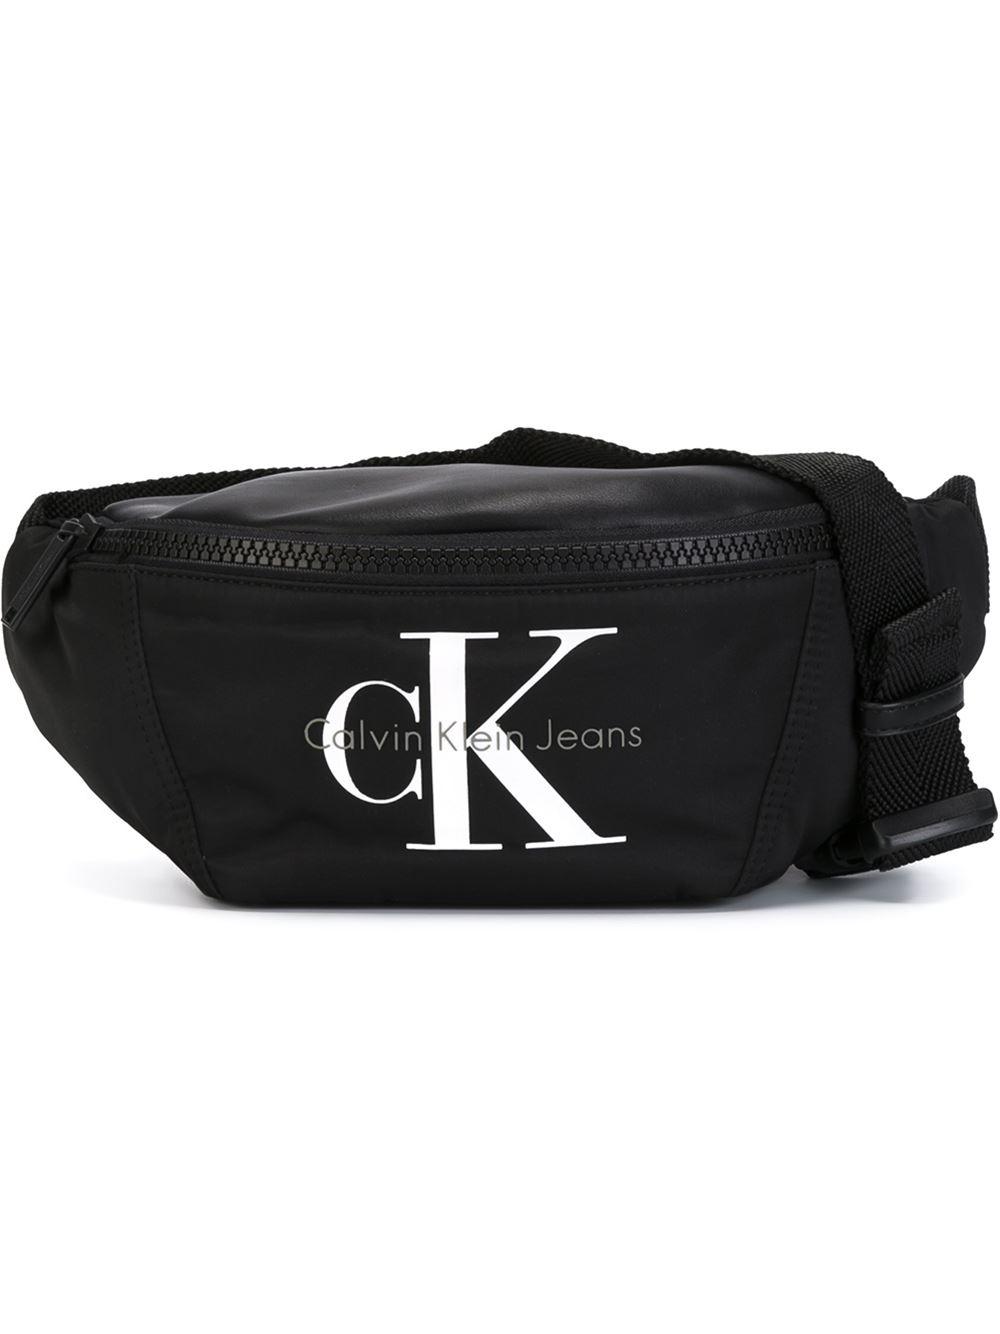 calvin klein jeans logo waist bag in black lyst